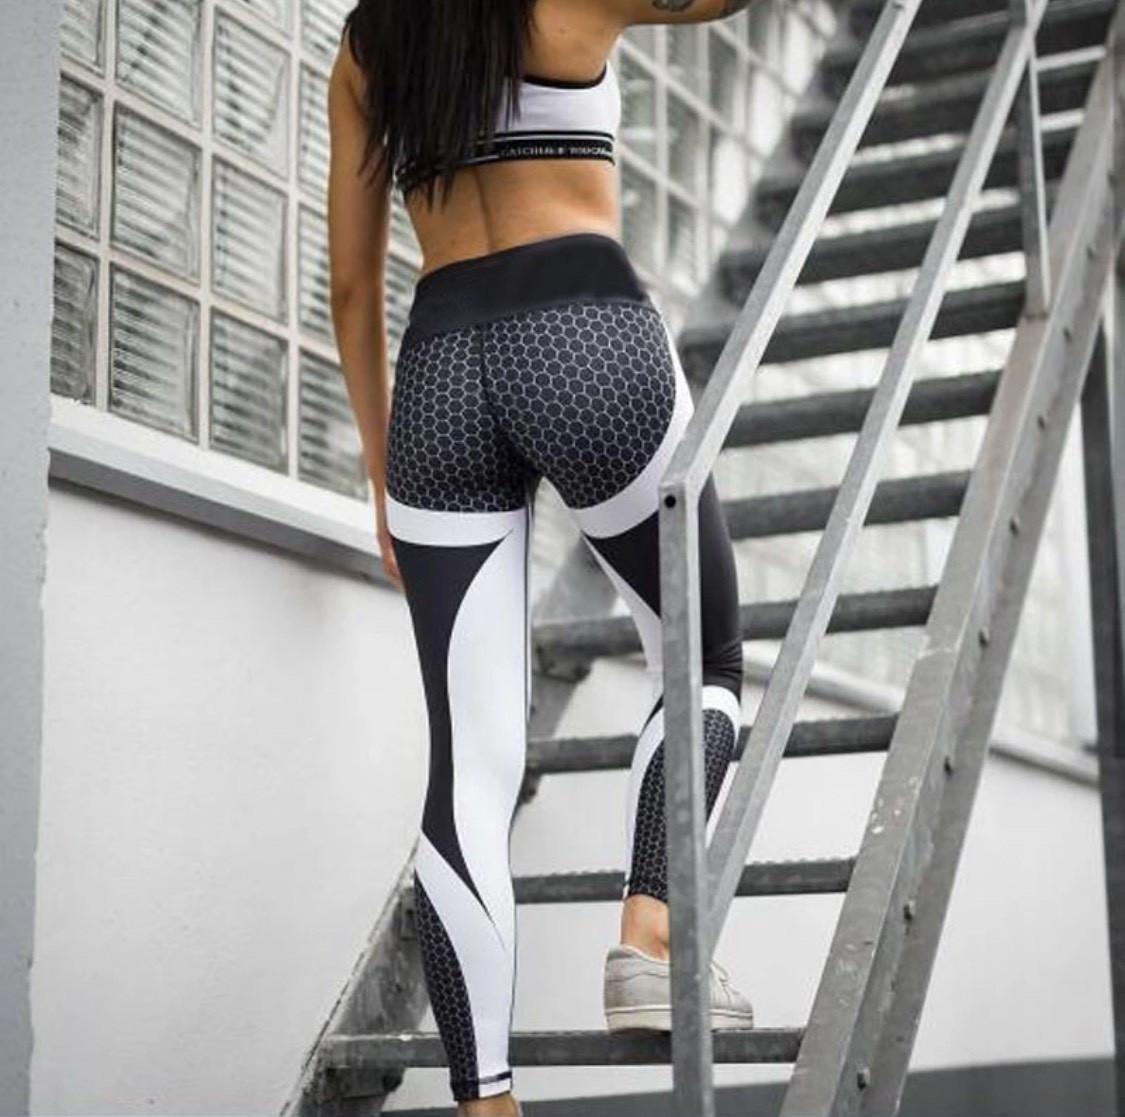 Женские стильные лосины/леггинсы для занятий спортом/фитнесом «Fitness lovers» sota (черный)